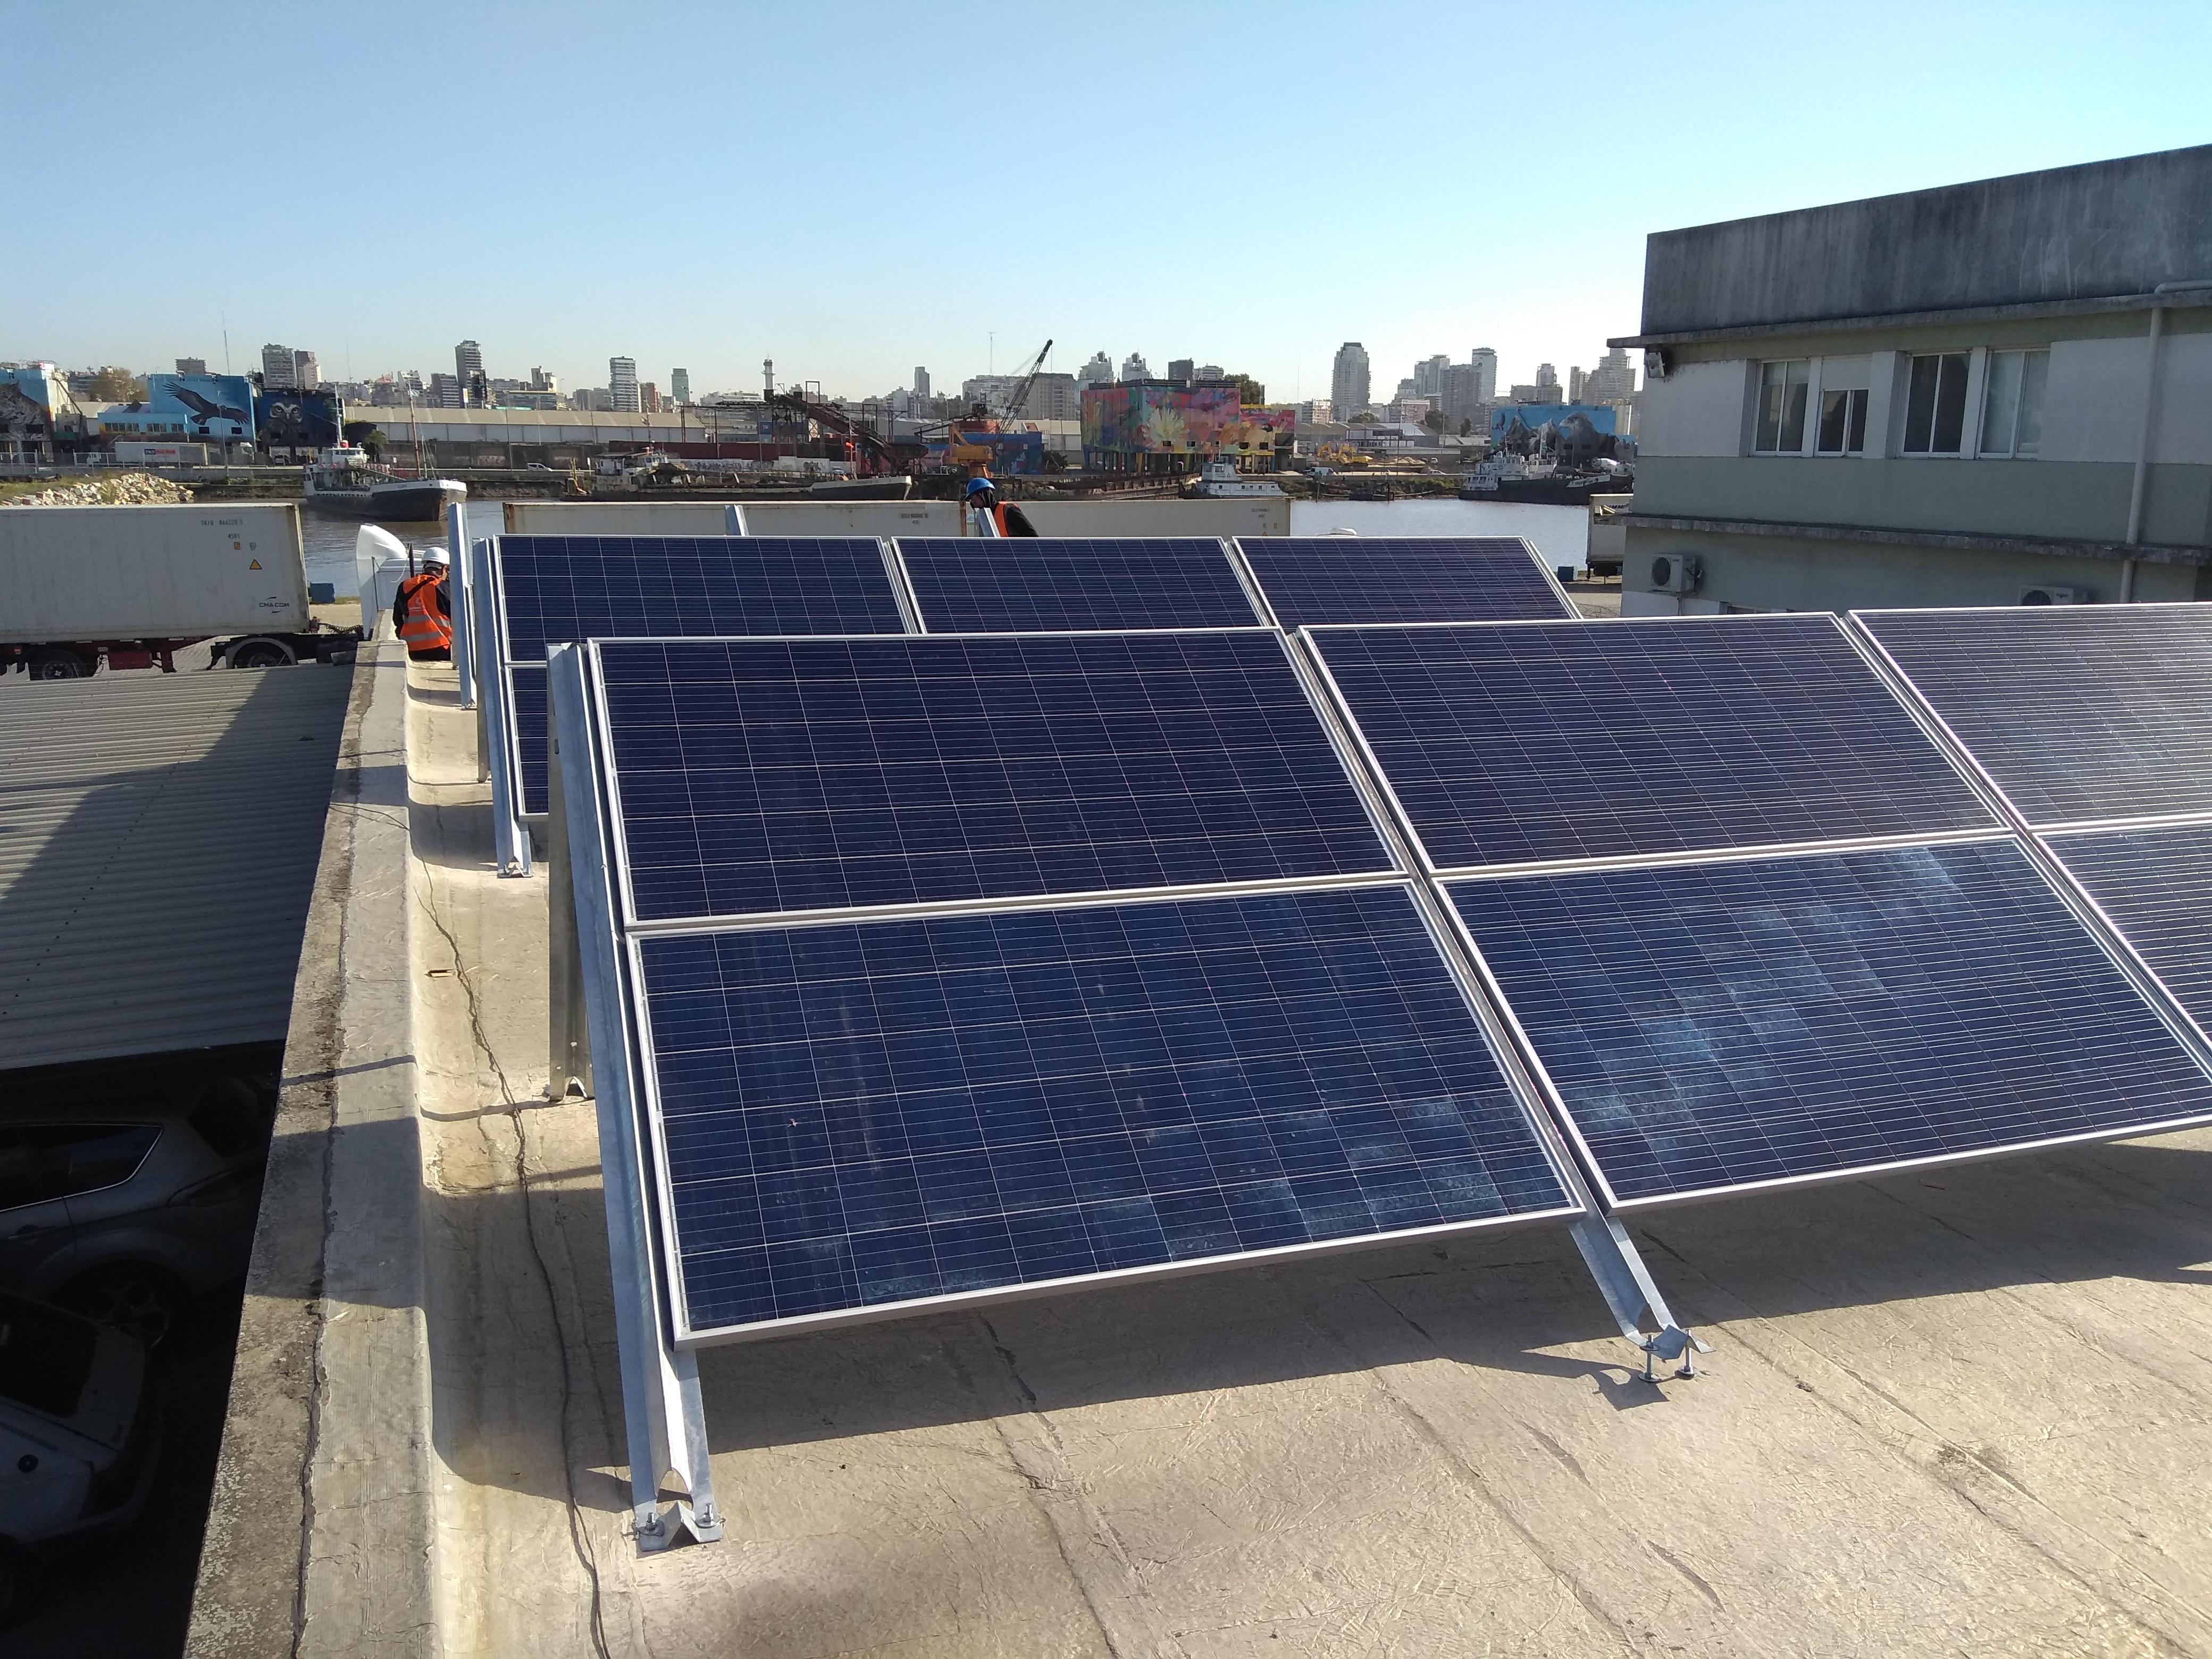 Parque con paneles solares y estructuras Tonka